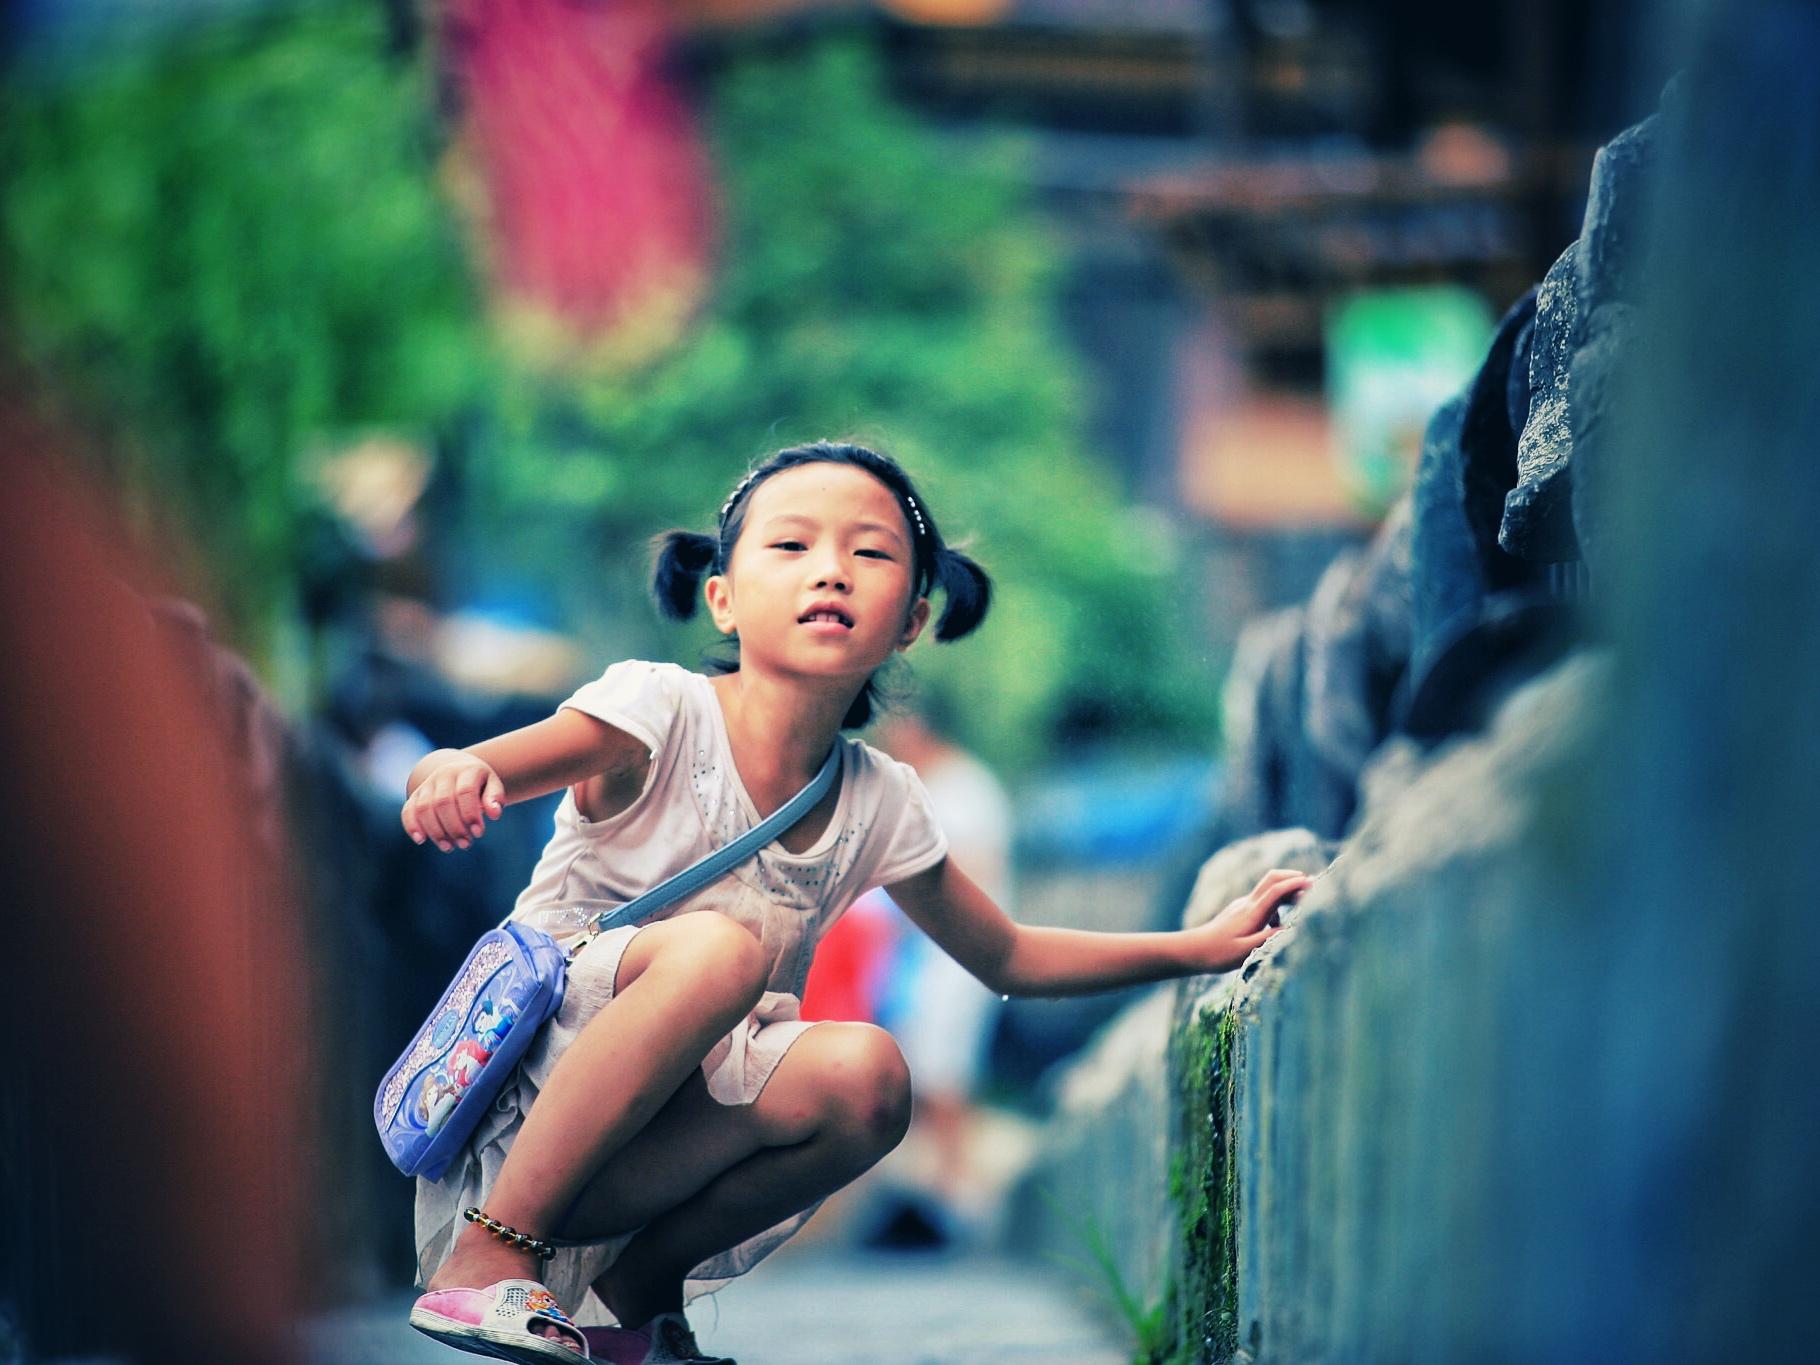 西江千户苗寨|之孩童的模样